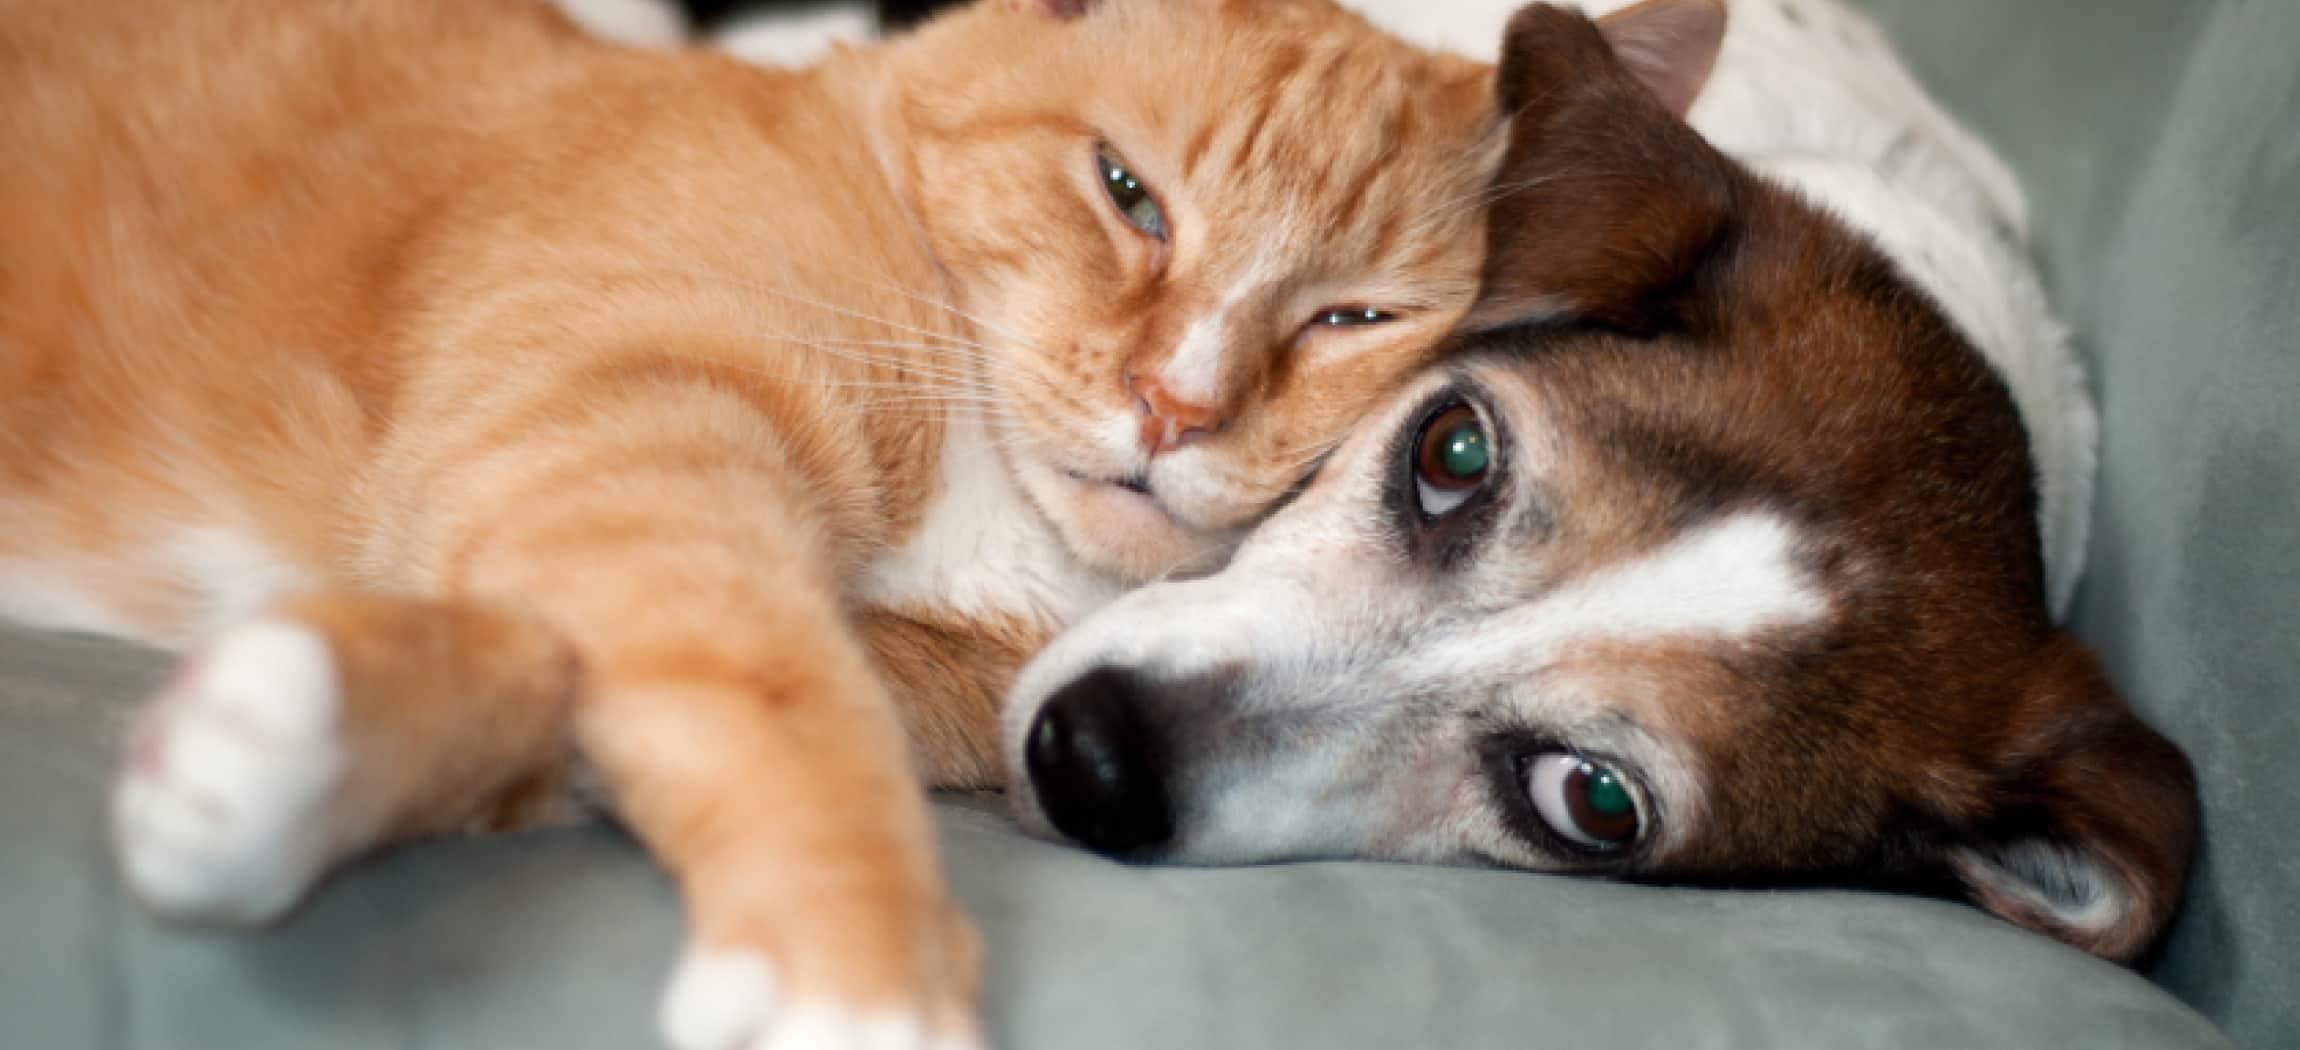 Rode kater ligt met zijn kop uit te rusten op een klein wit bruin hondje